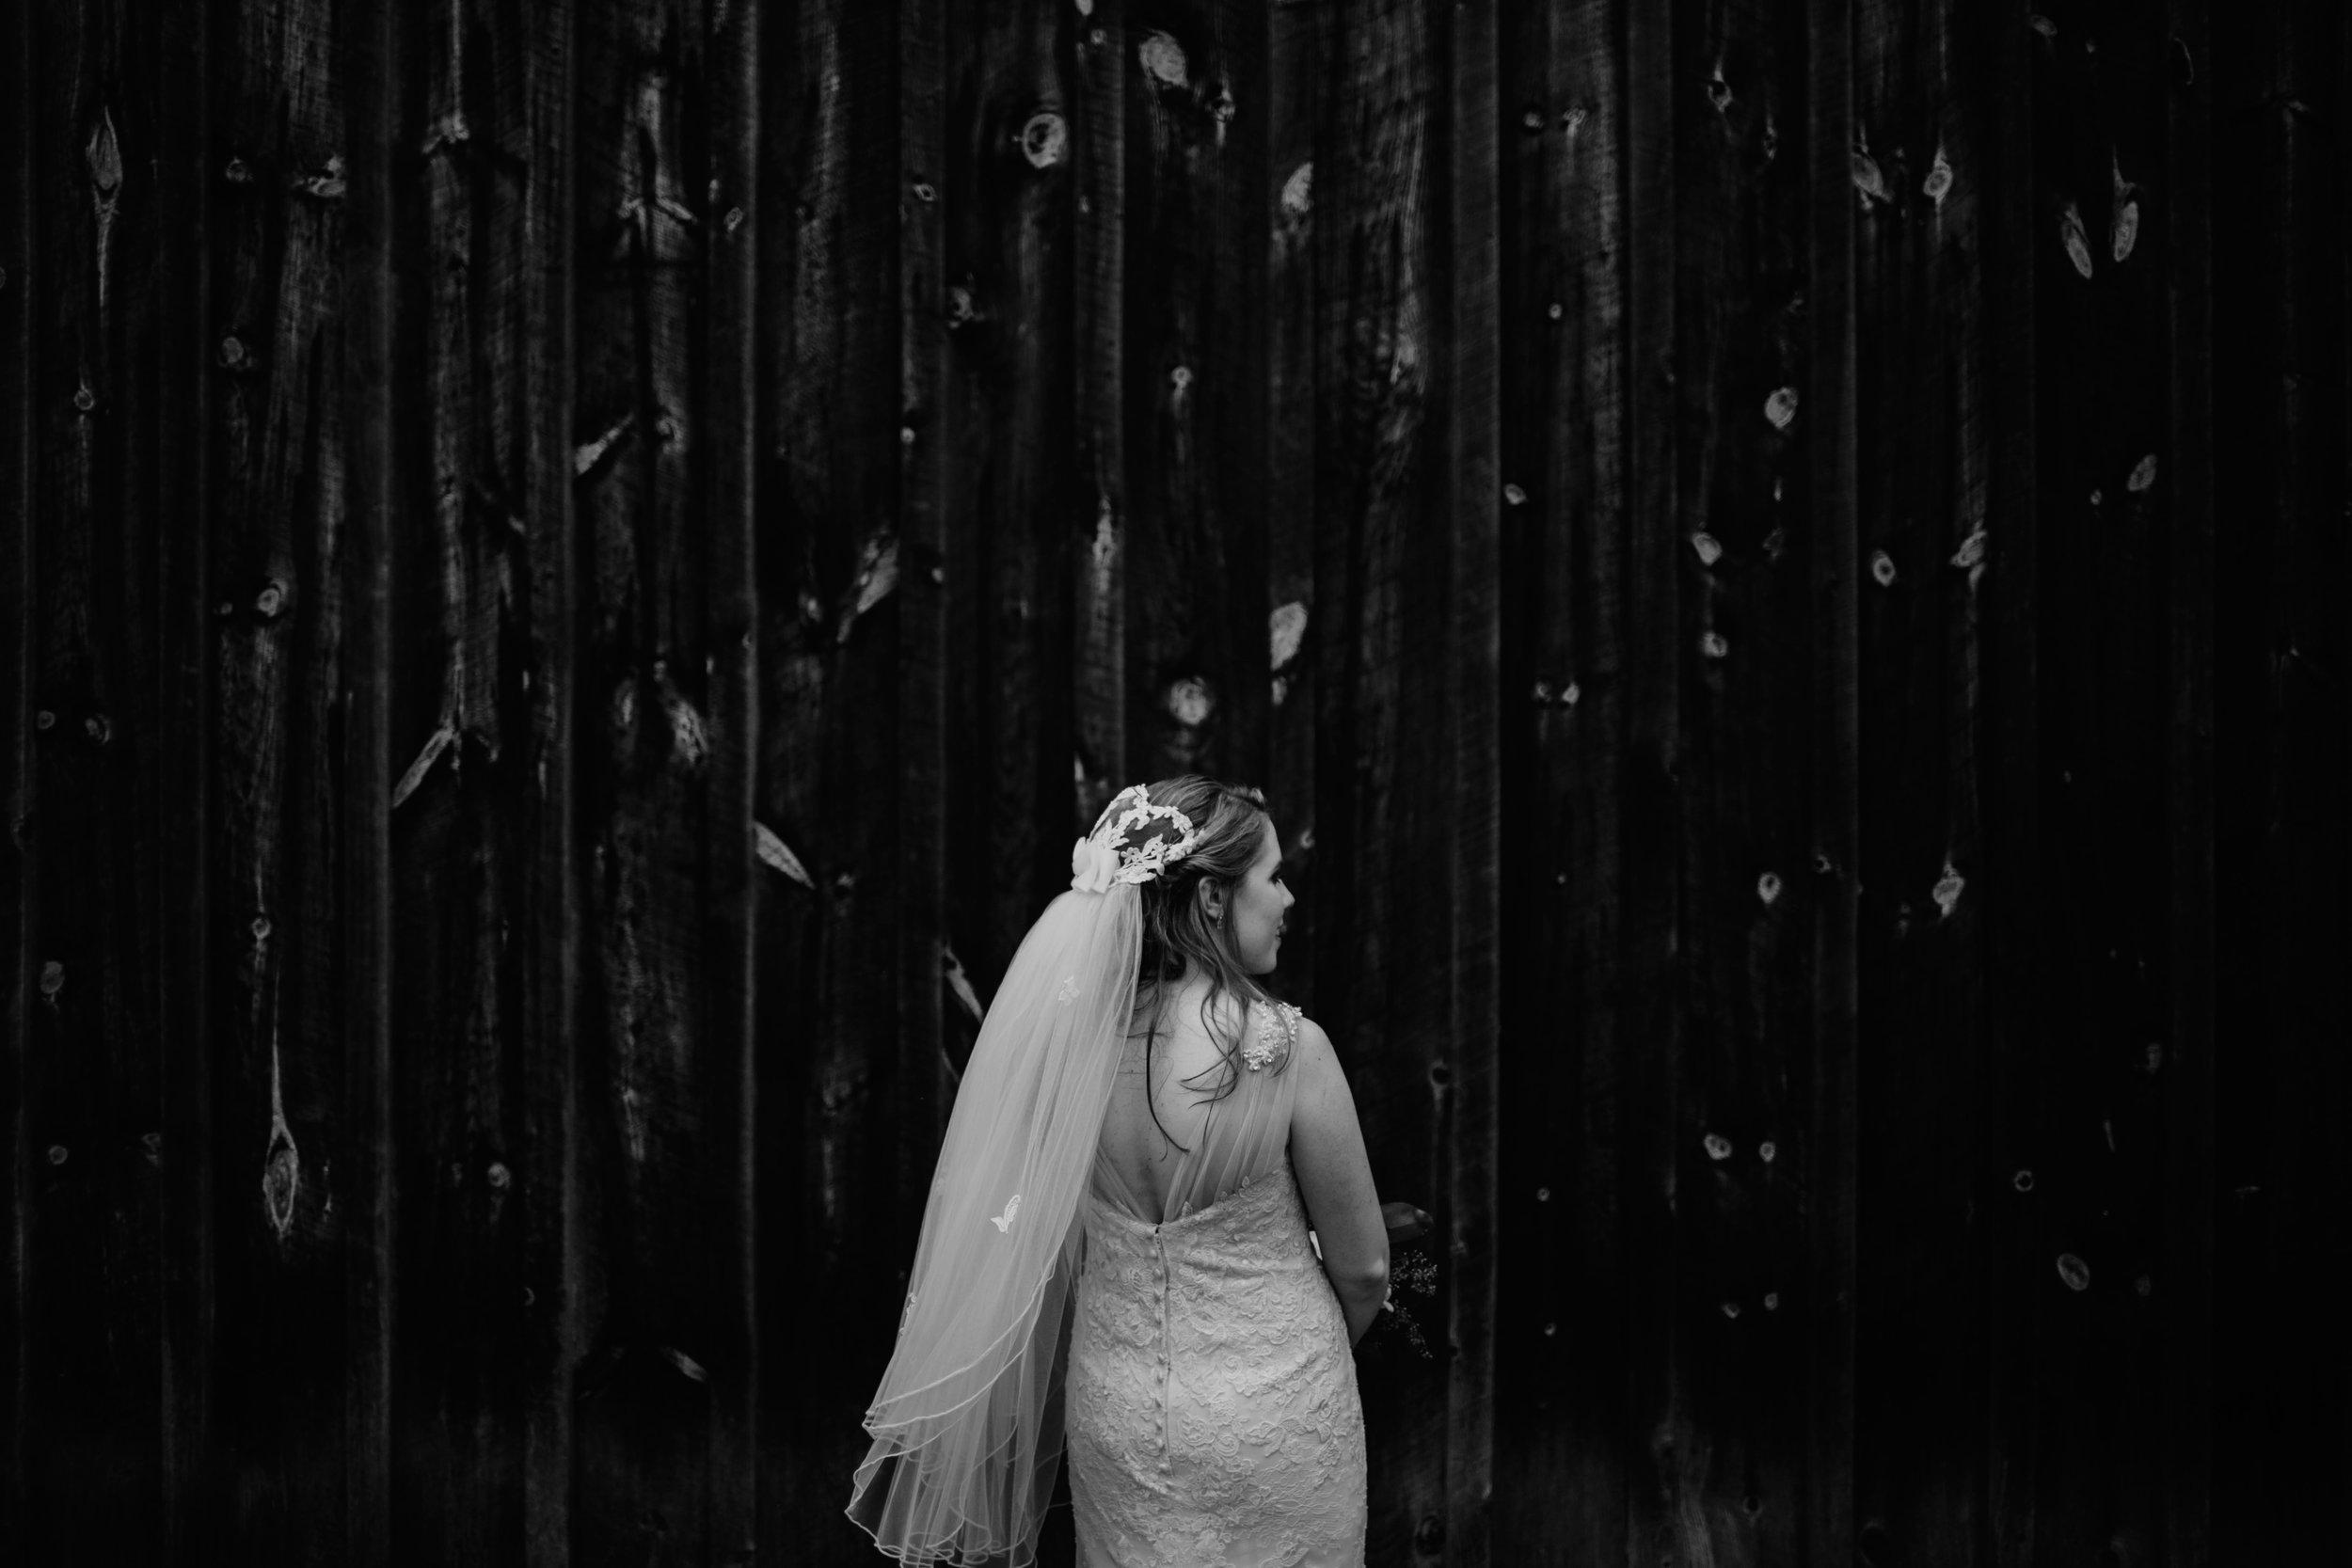 ALICIAandPETER-bridegroom (151 of 254).jpg